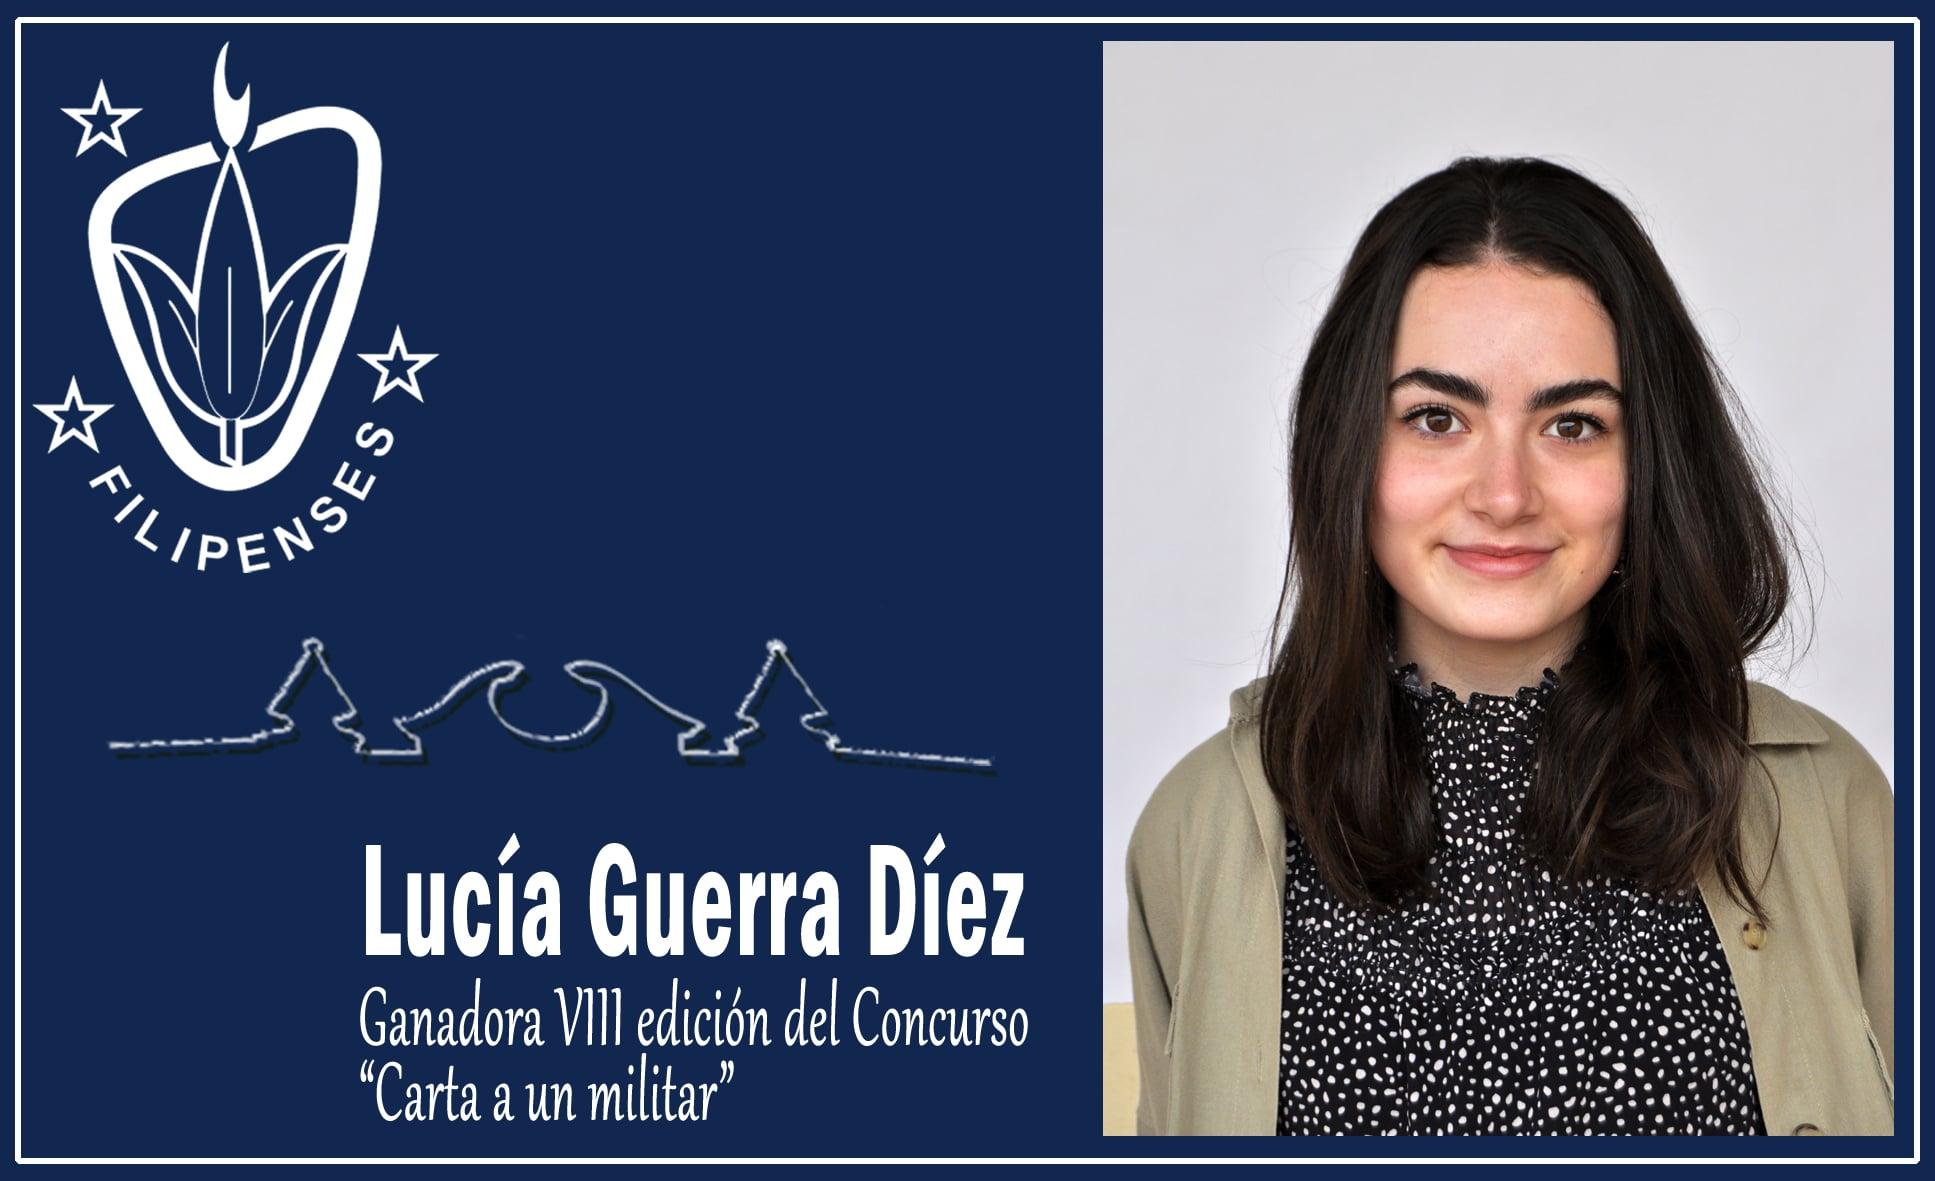 """Lucía Guerra Díez del Colegio Blanca de Castilla vencedora de la octava edición del concurso """"Carta a un militar"""" en Palencia."""